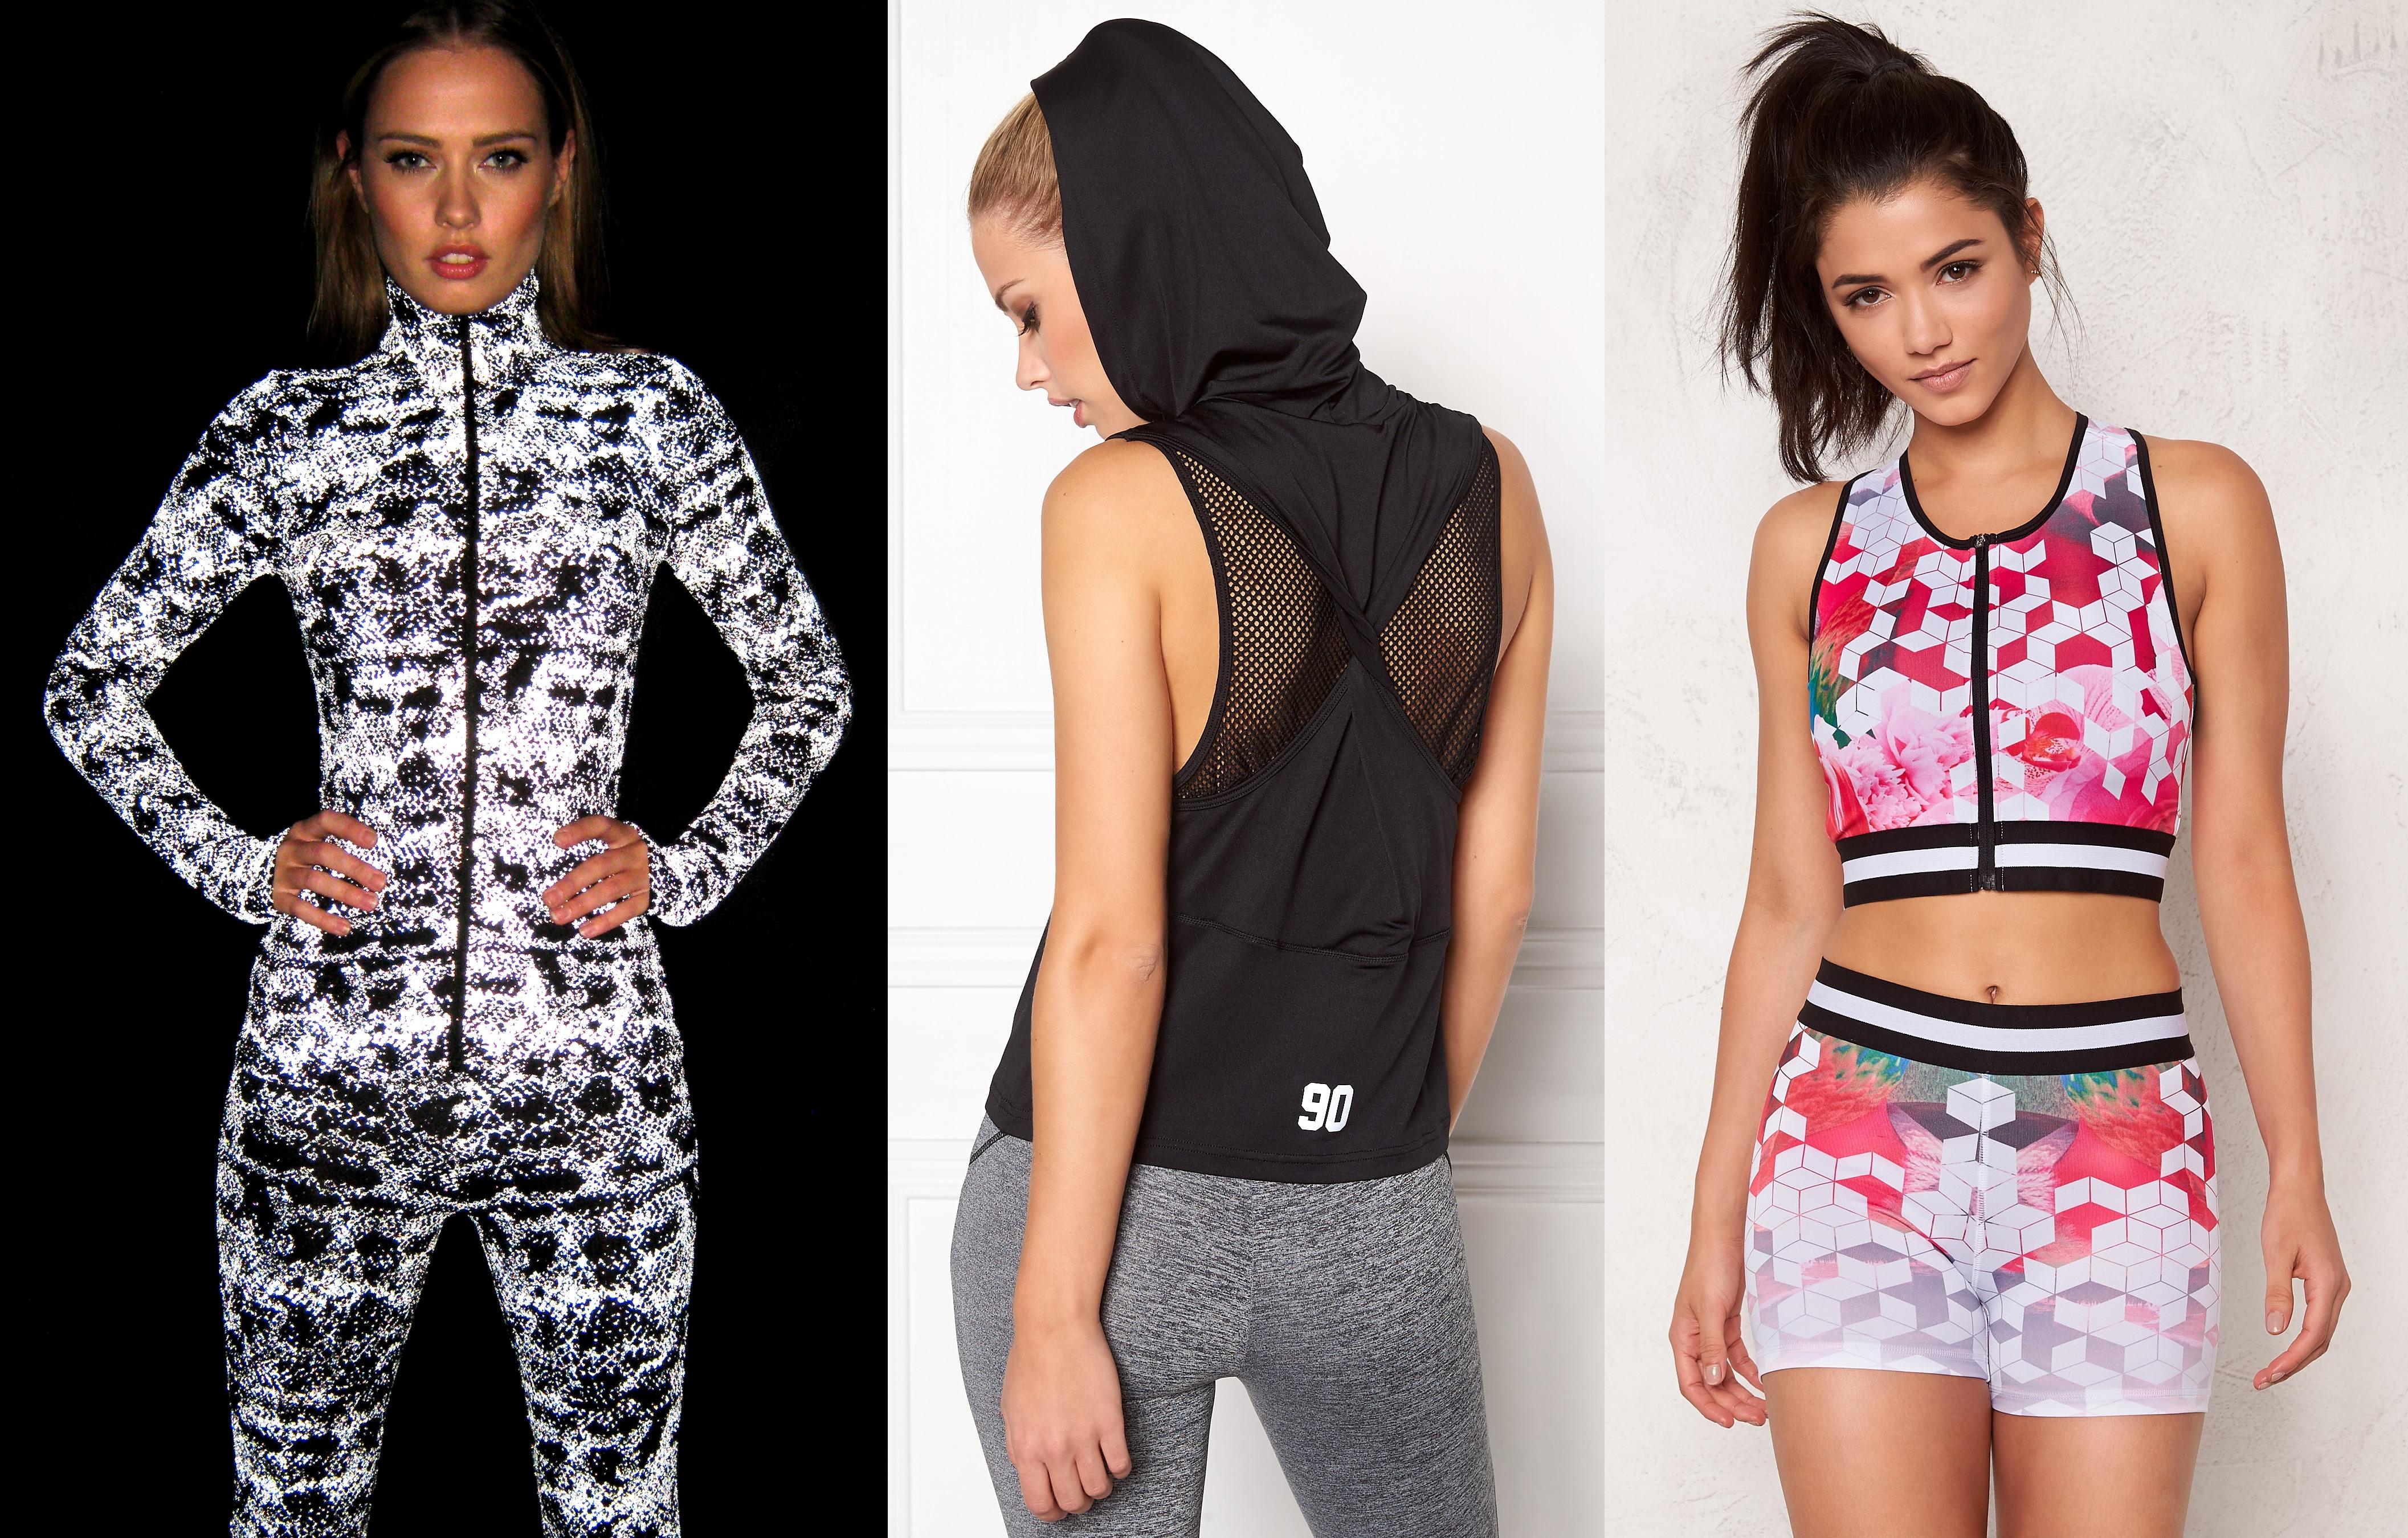 Rea träningskläder billiga träningskläder sportkläder billigt